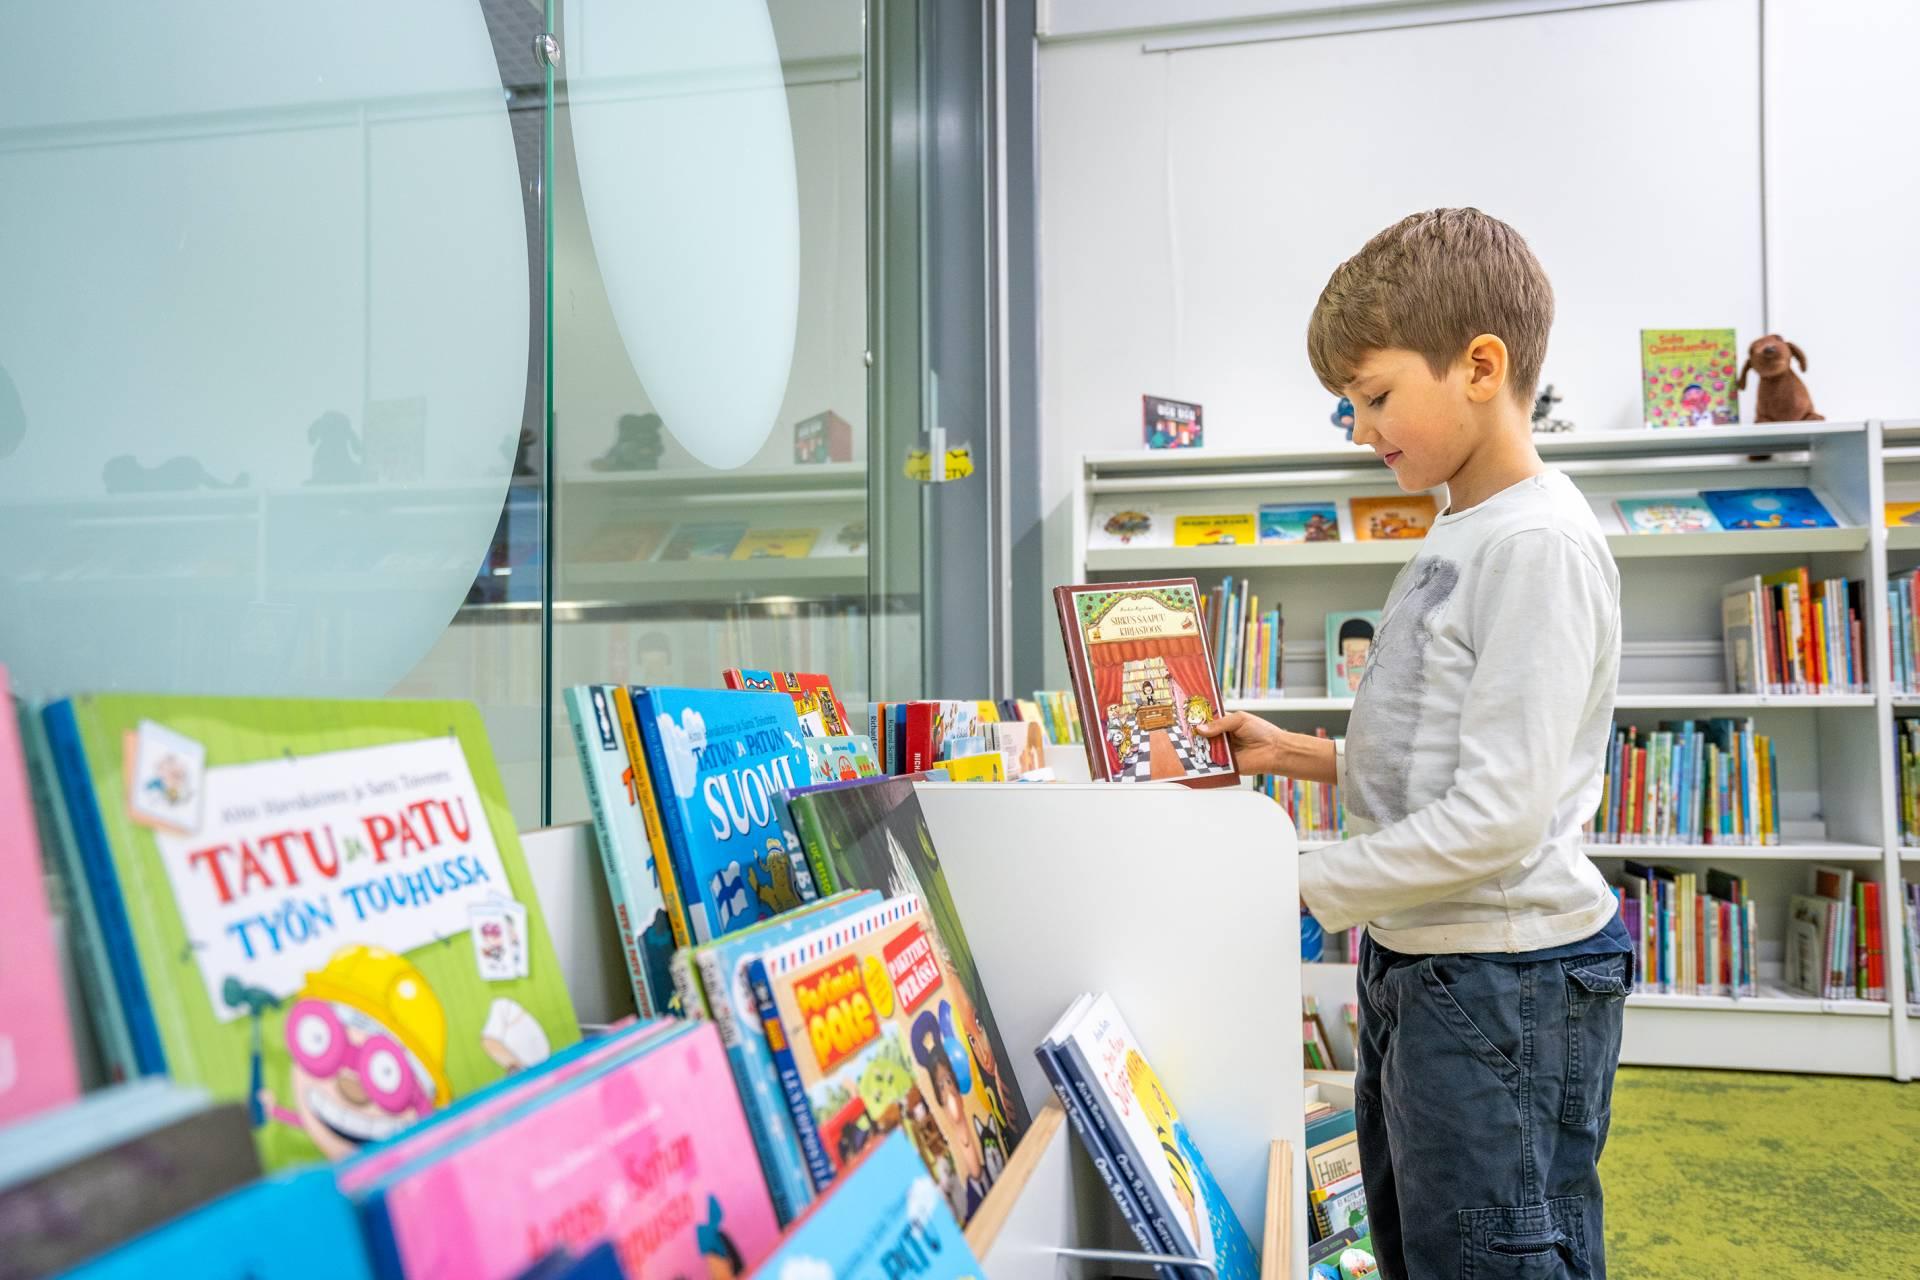 Poika seisoo kuvakirjakärryn edessä ja silmäilee kirjoja.